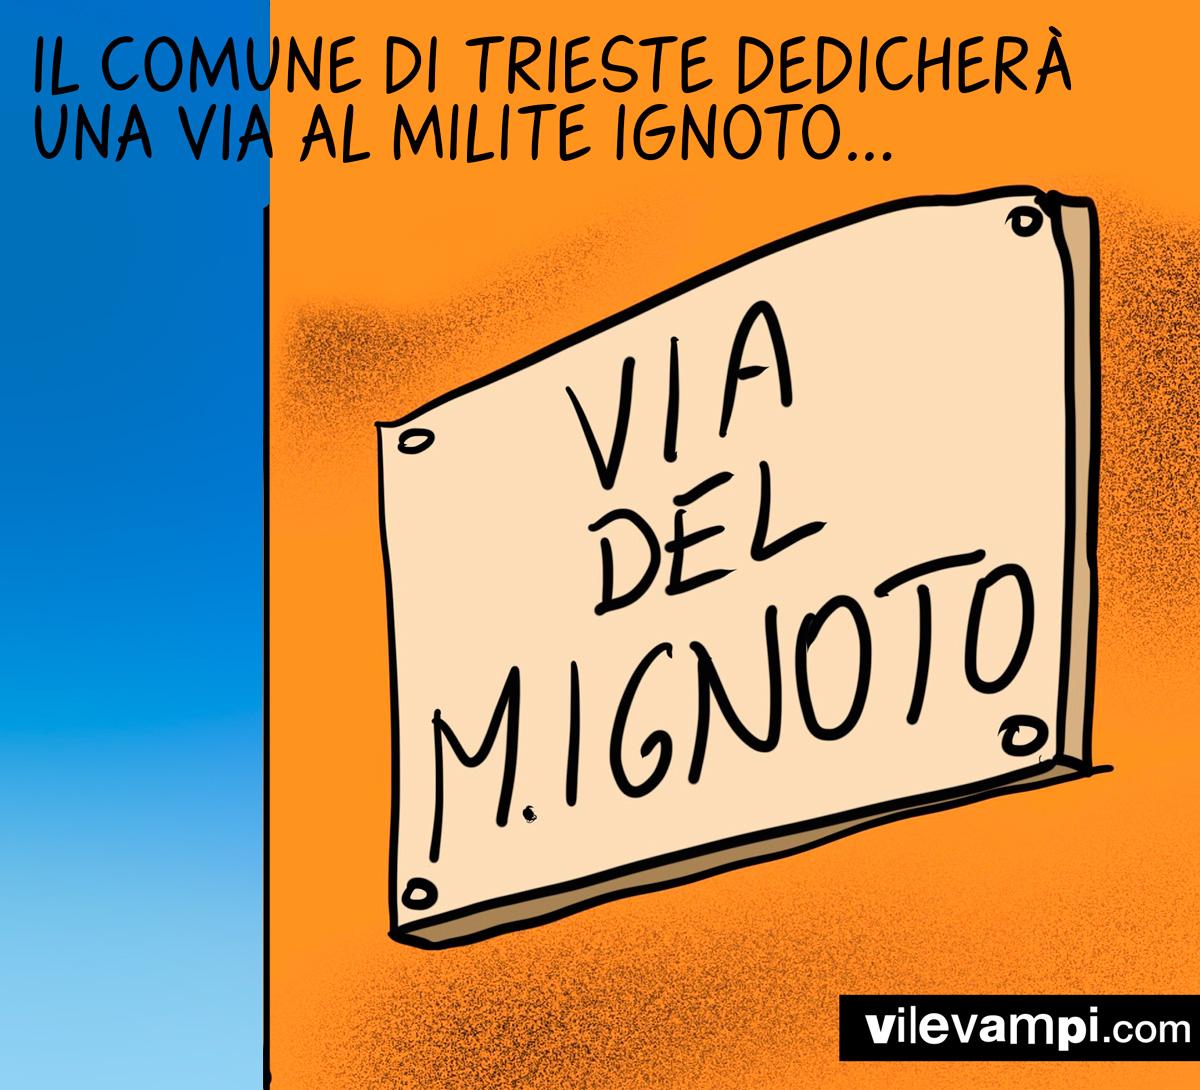 2021_Milite-ignoto_TS